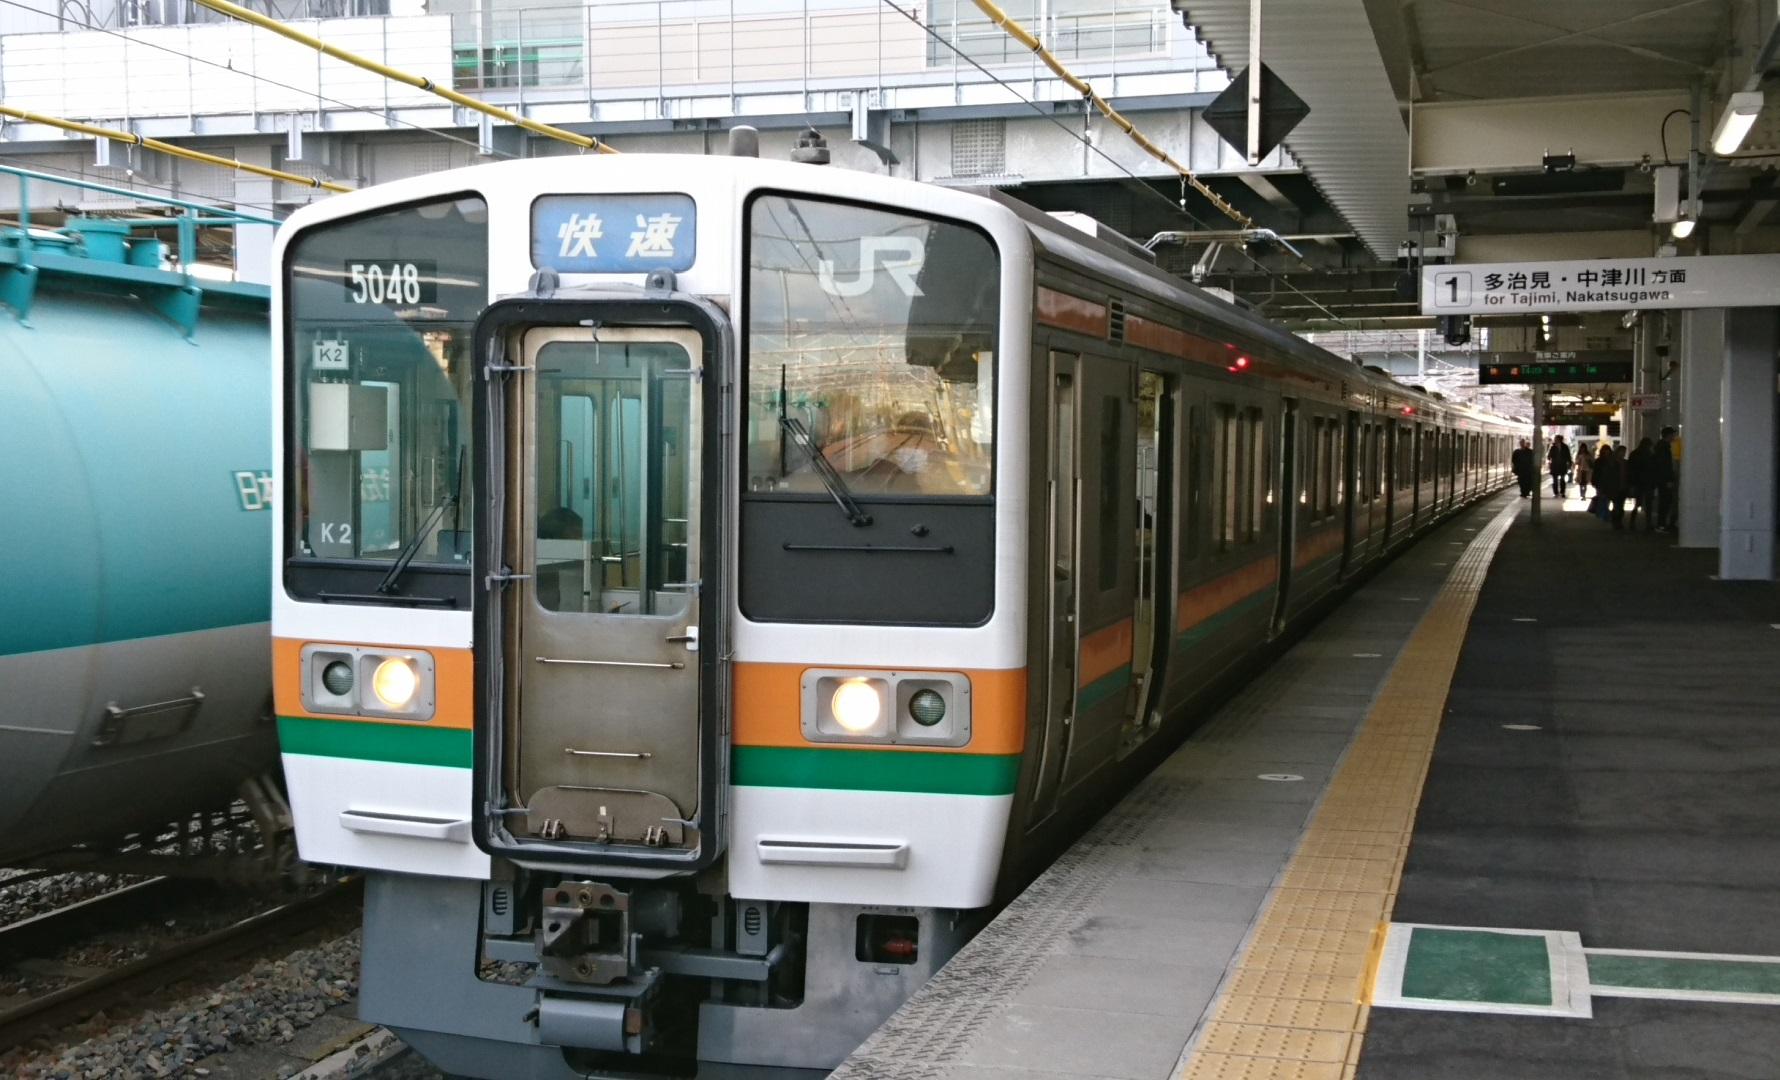 2016.12.14 中央線 (17) 春日井 - 瑞浪いき快速 1780-1080